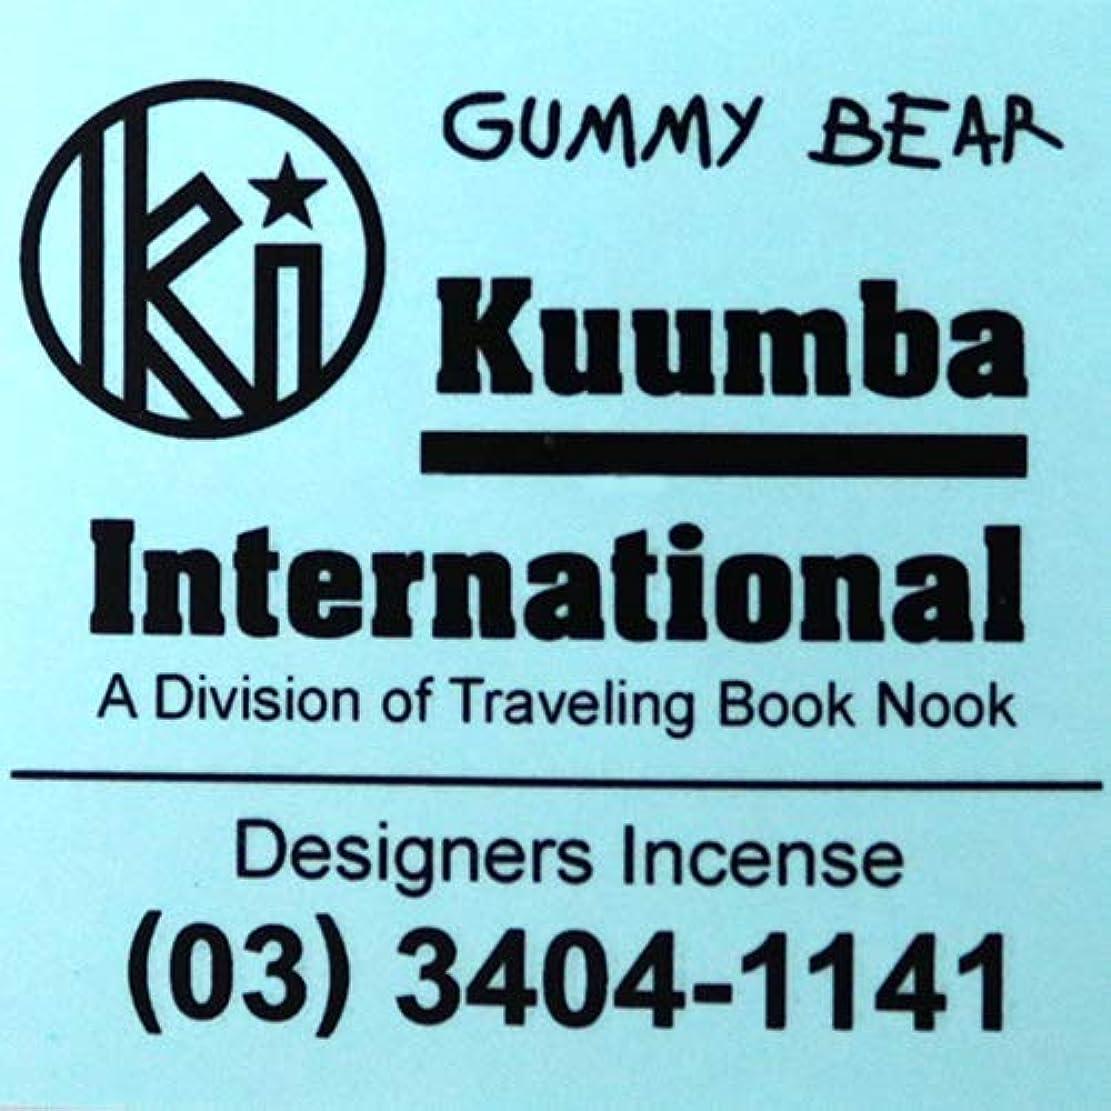 限界アラブ人楽な(クンバ) KUUMBA『incense』(GUMMY BEAR) (GUMMY BEAR, Regular size)